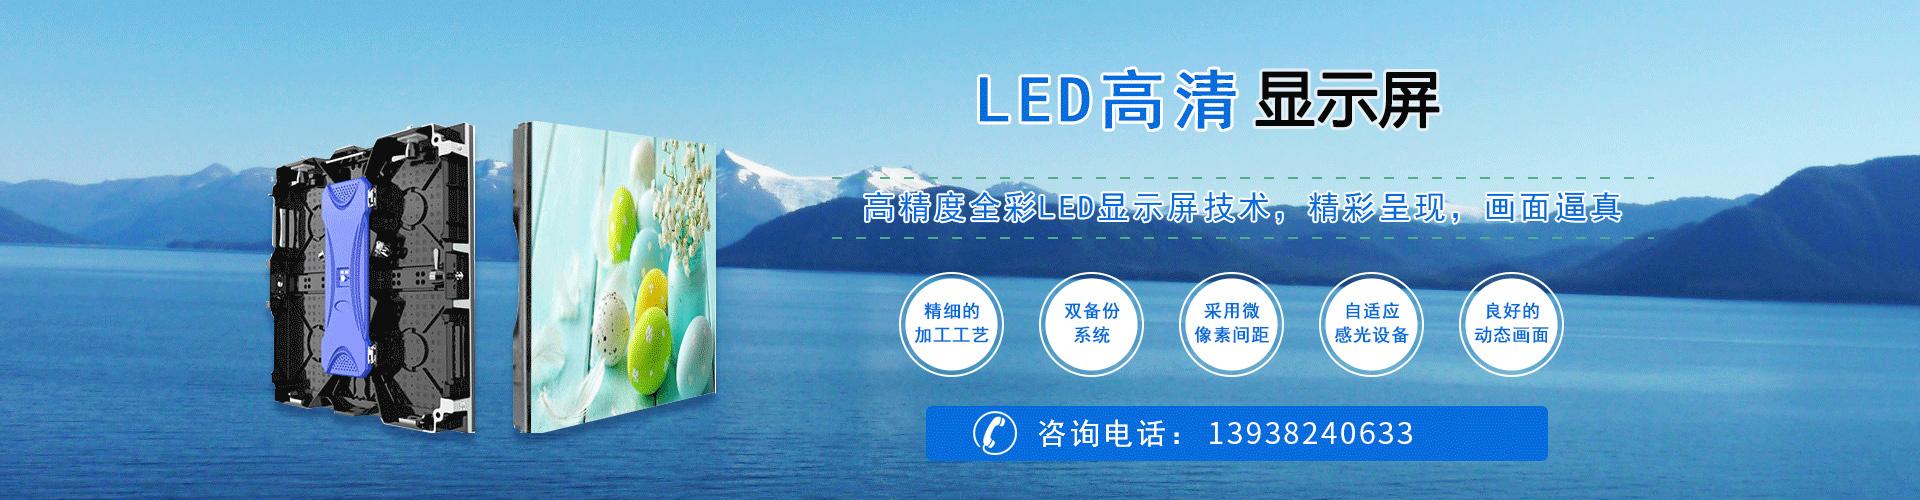 郑州LED显示屏